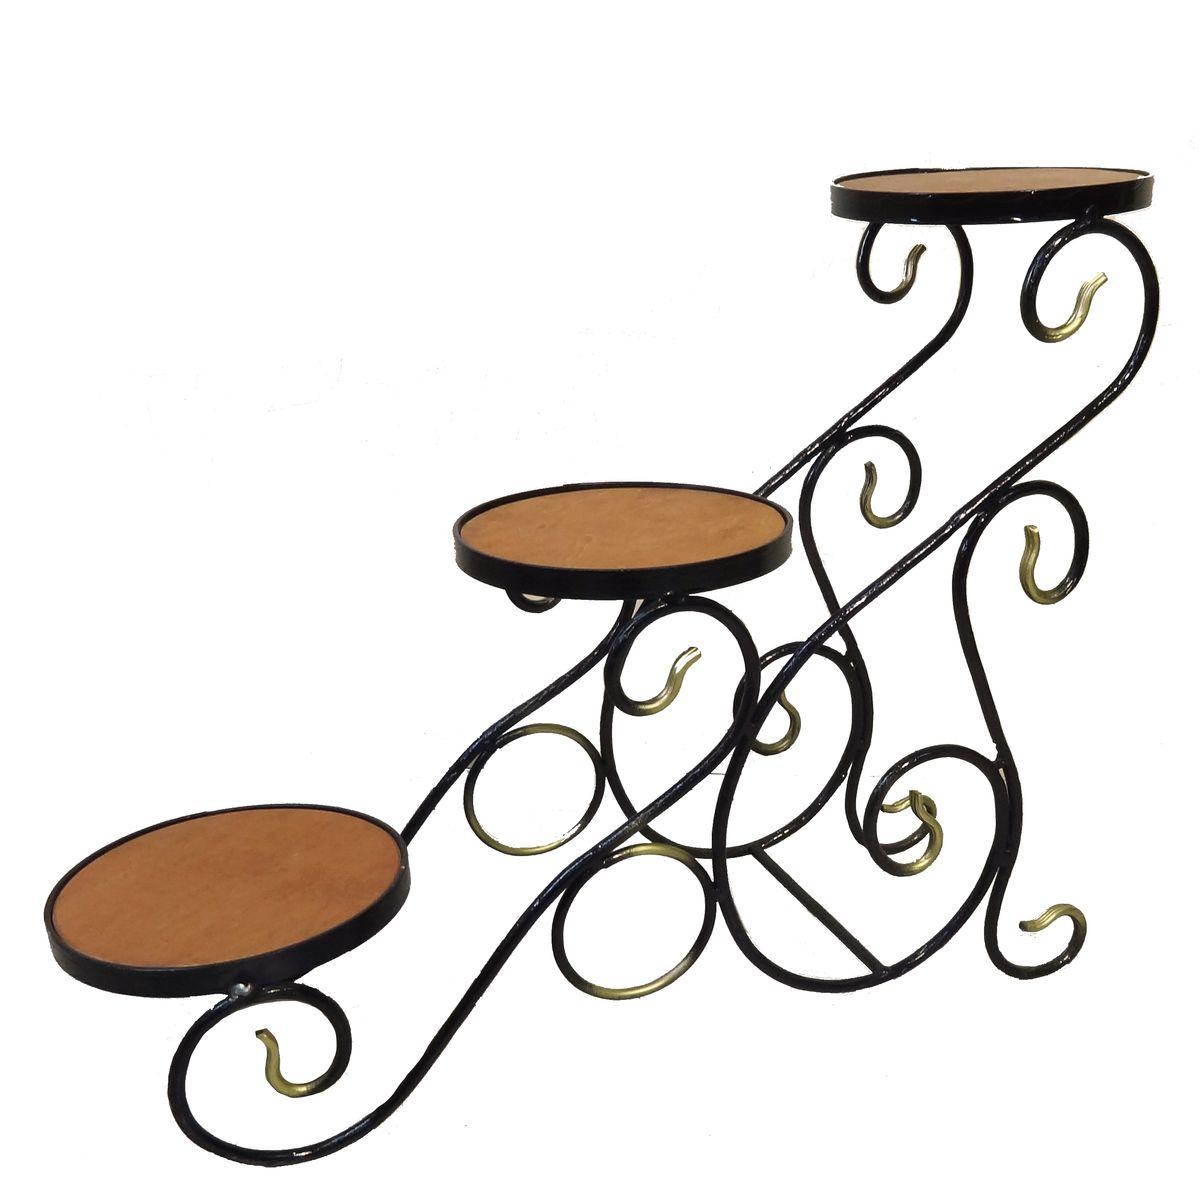 Подставка для цветов Фабрика ковки, на 3 цветка, цвет: черный, коричневый, золотистый59-773Подставка предназначена для размещения трех цветочных кашпо. Выполнена из металлического прутка черного цвета и дерева. Корзинки при этом размещаются на разных уровнях, что позволяет создавать удивительные цветочные композиции. Роль ножек исполняют изогнутые прутки, обеспечивая устойчивое расположение цветков. Оригинальная асимметричная форма подставки придаёт ей особую легкость и невесомость.